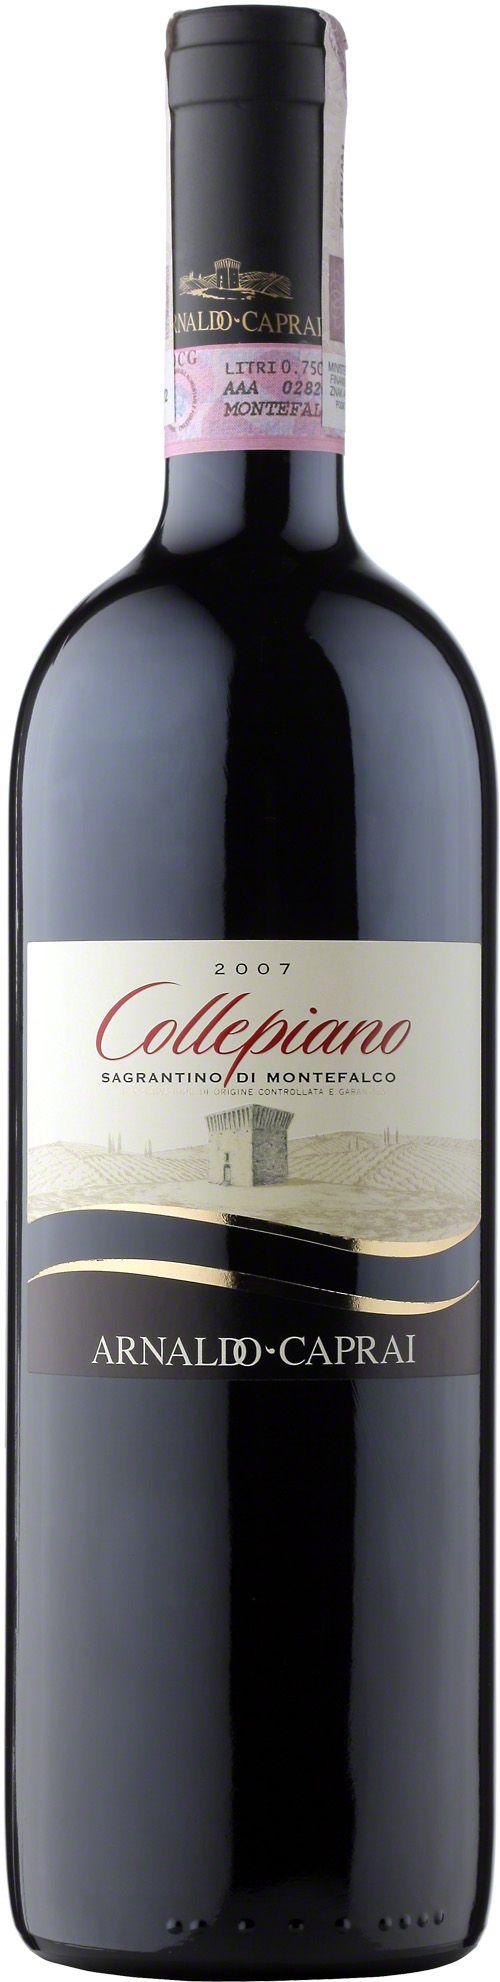 Sagrantino di Montefalco Collepiano D.O.C.G. Wino o gęstym prawie czarno-rubinowym kolorze. Rewelacyjnie aromatyczne, intensywne z nutami dojrzałych owoców, z nutami przypraw, a także pełne aromatów wanilli. W smaku mocne, ale zarazem miękkie i aksamitne z gorzkawym posmakiem. Najlepiej jest je podawać z pieczeniami mięsnymi i dziczyzną. #Sagrantino #Montefalco #Collepiano #ArnaldoCaprai #Umbria #Włochy #Wino #Winezja